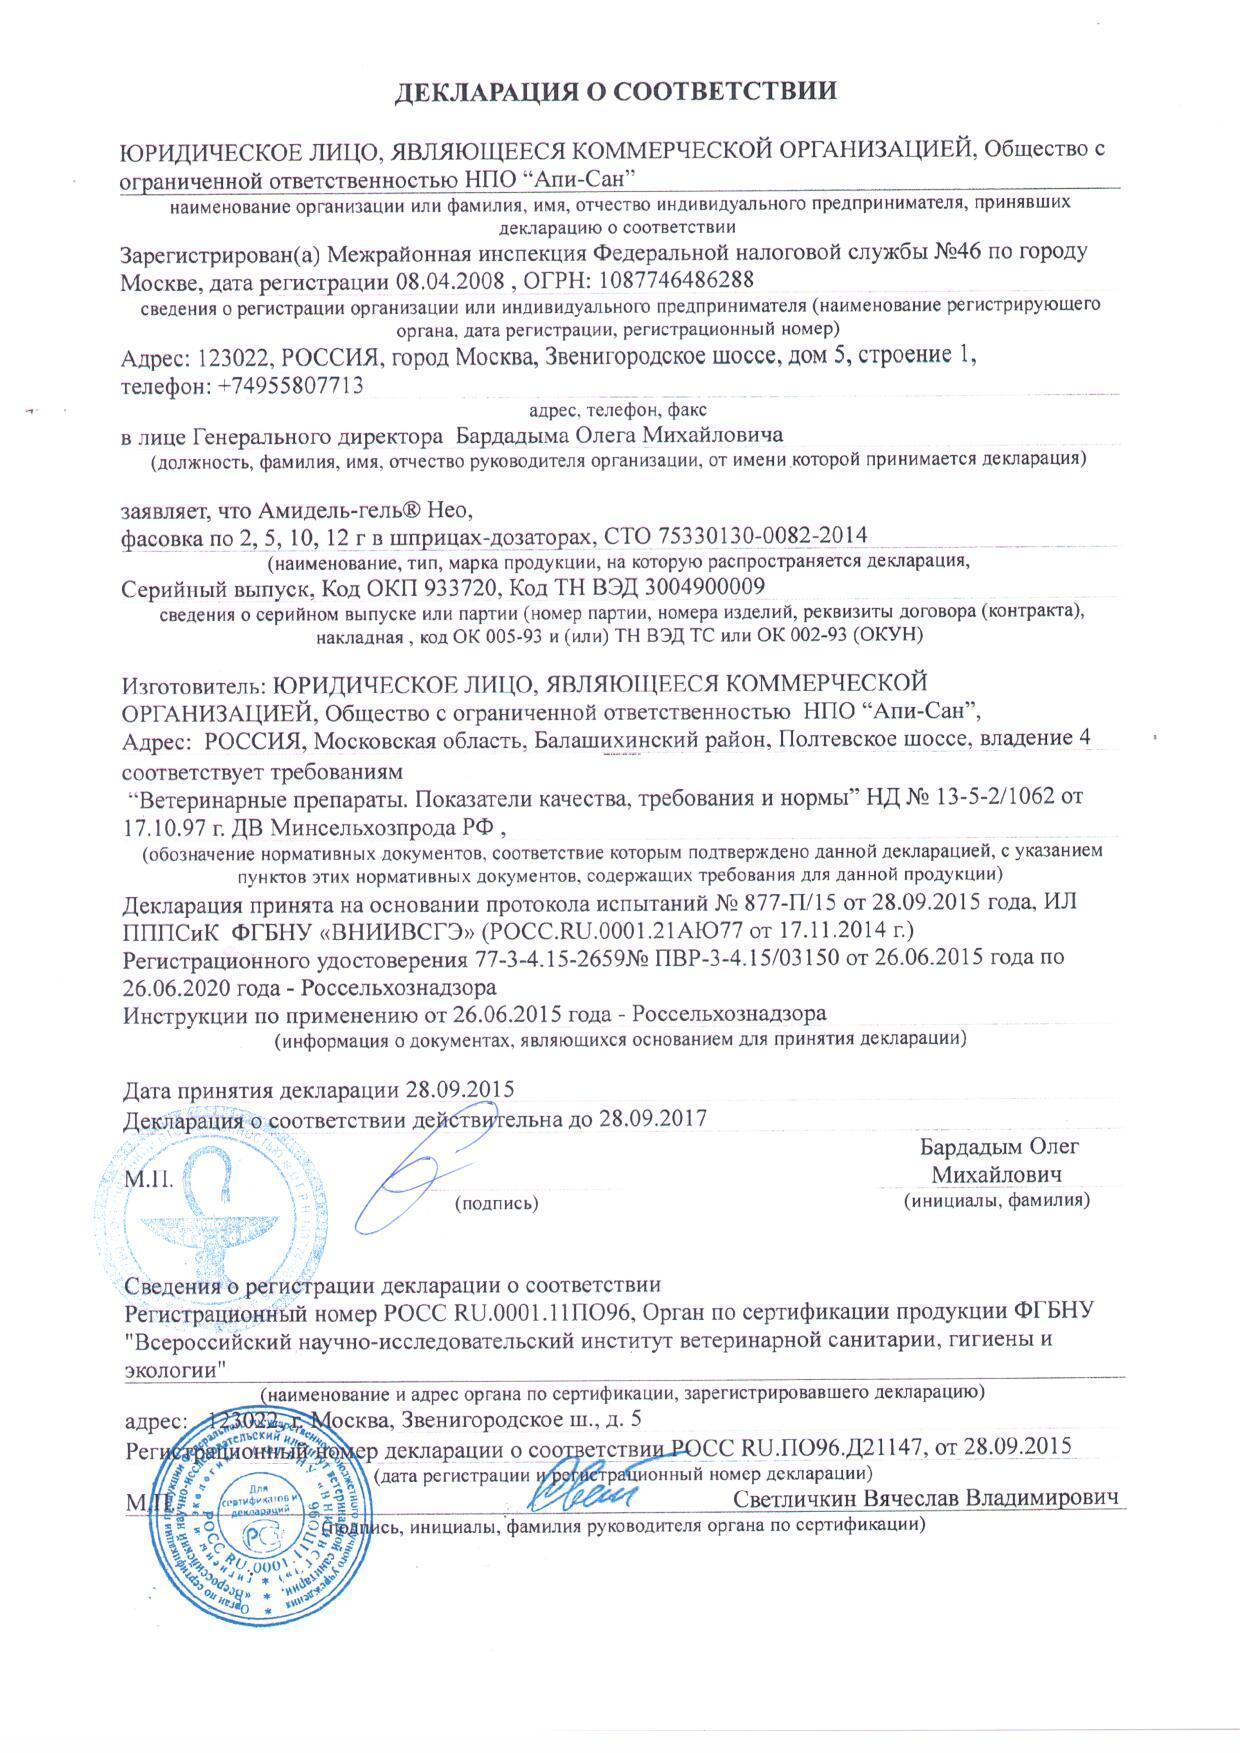 нижнекамск инструкция по применению 20 июня